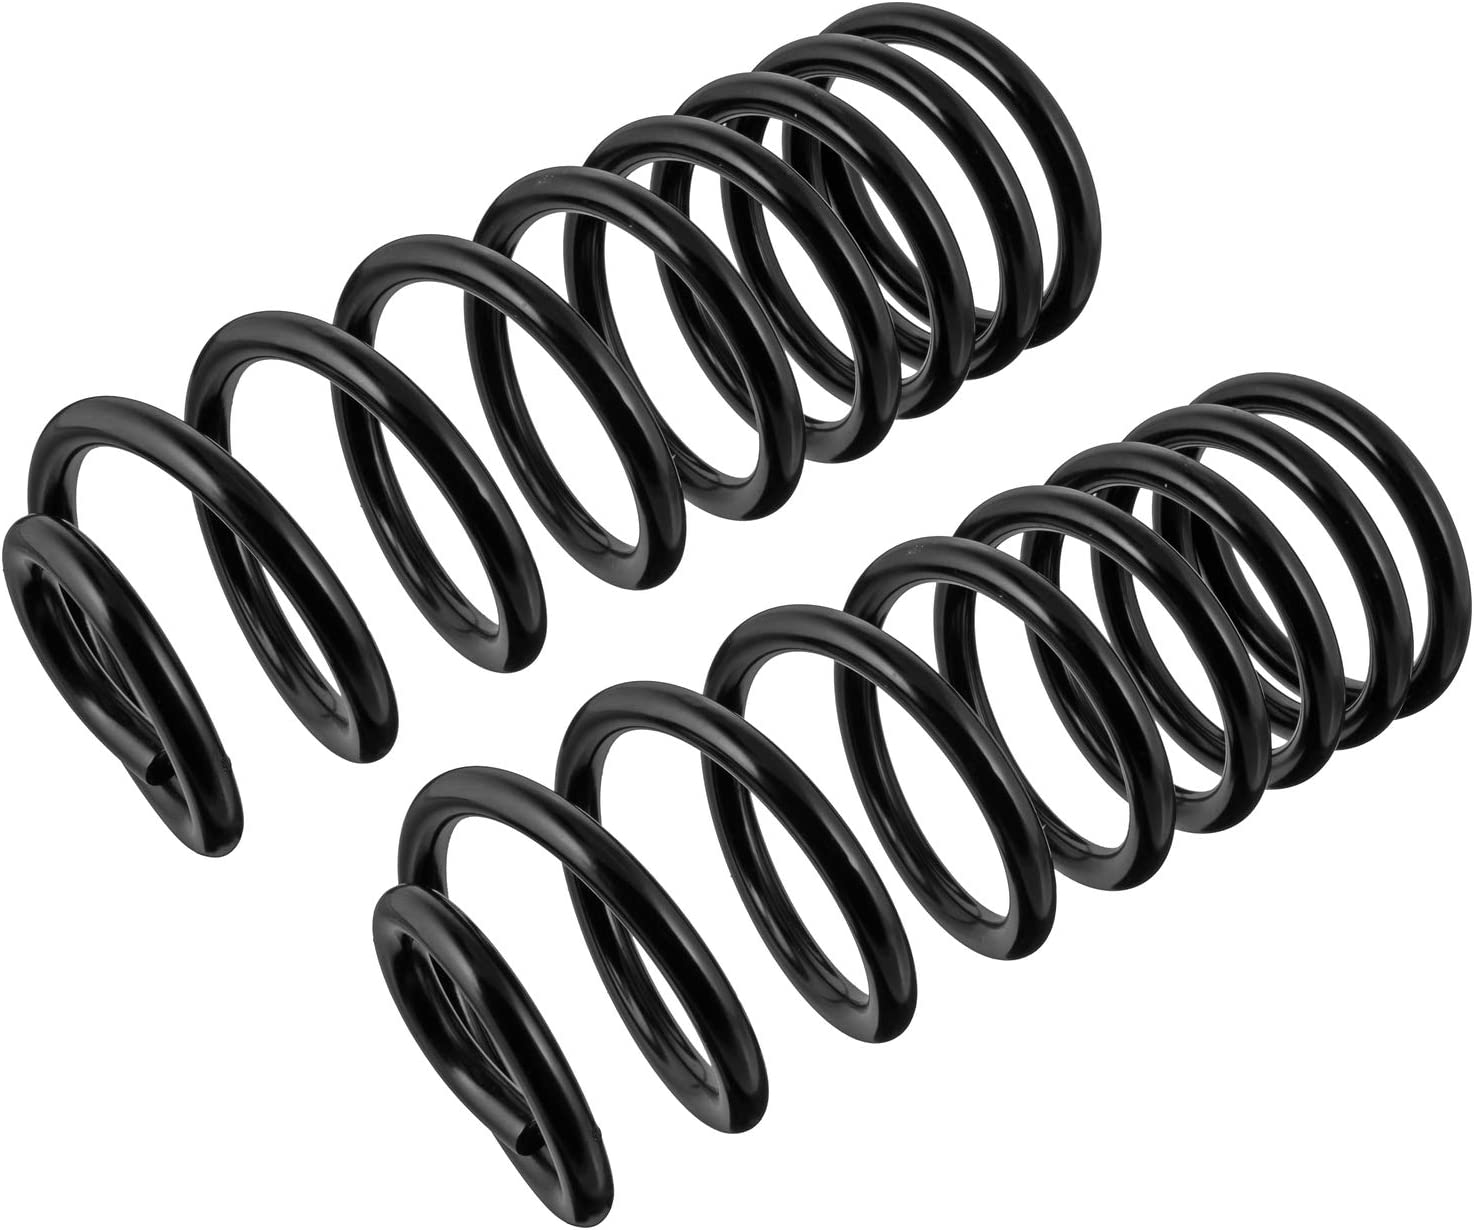 2 Pack TRW Automotive JCS1688T Coil Spring Set